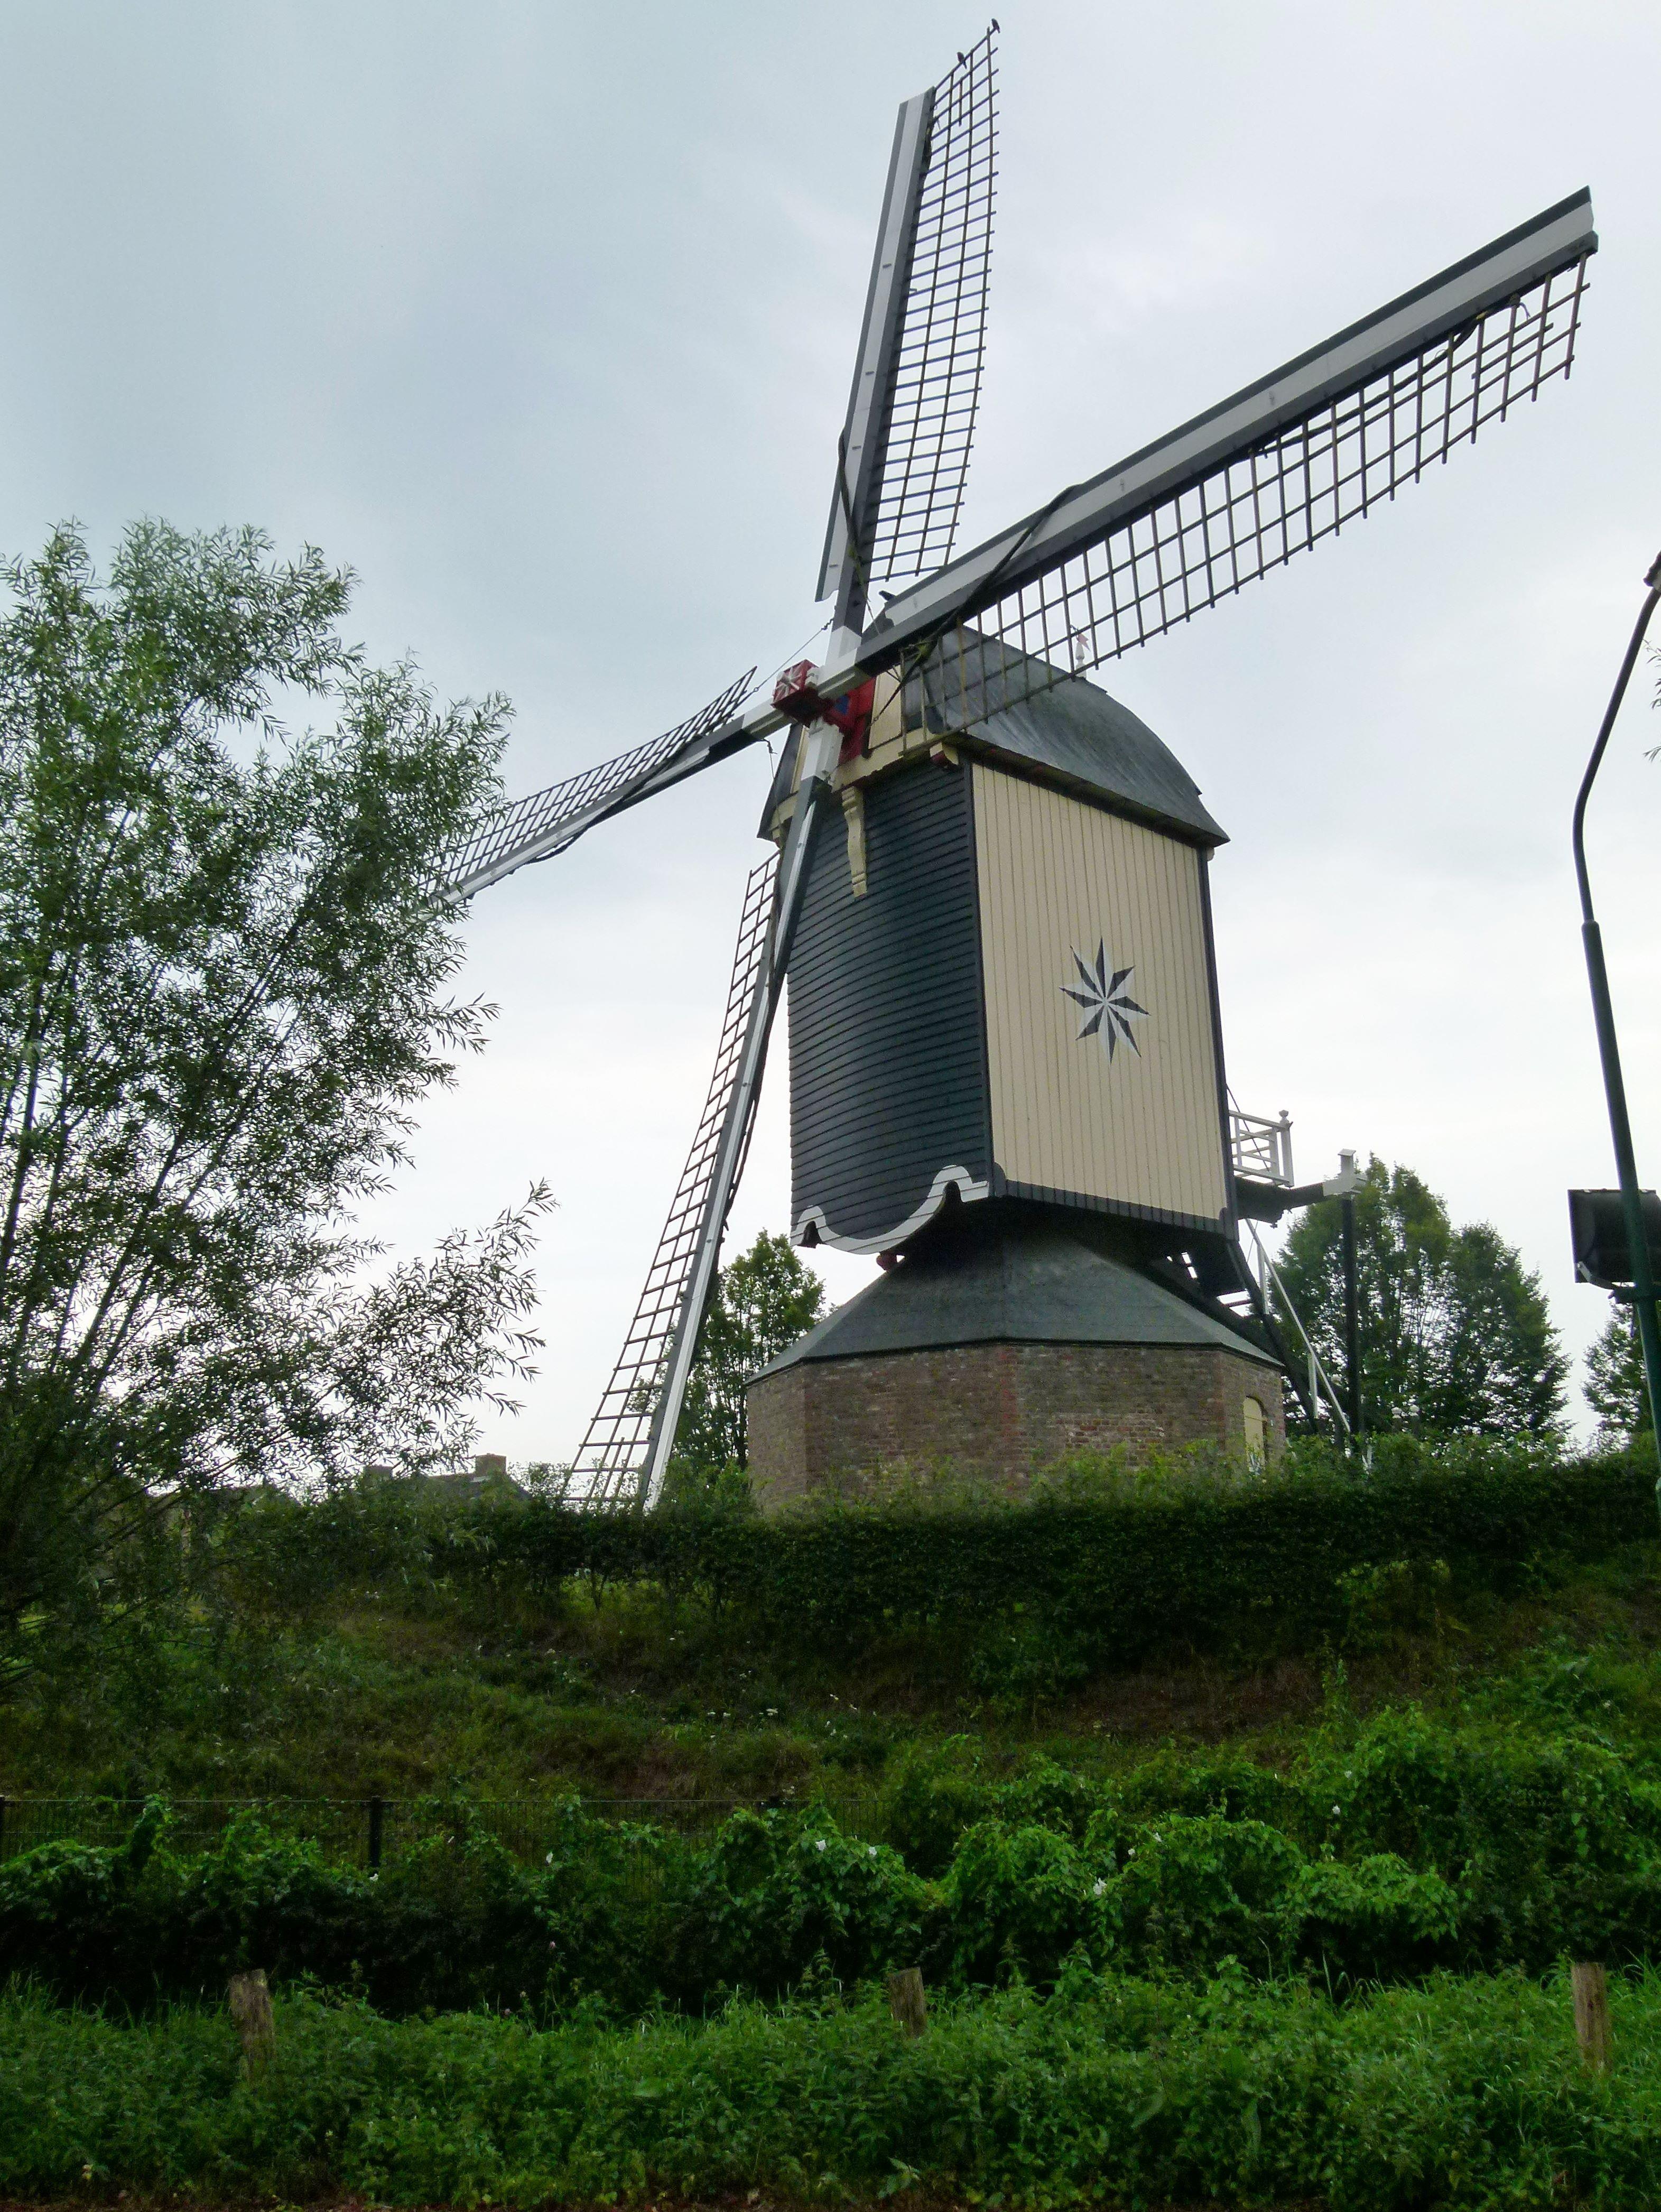 Quilt Windmill Windlust